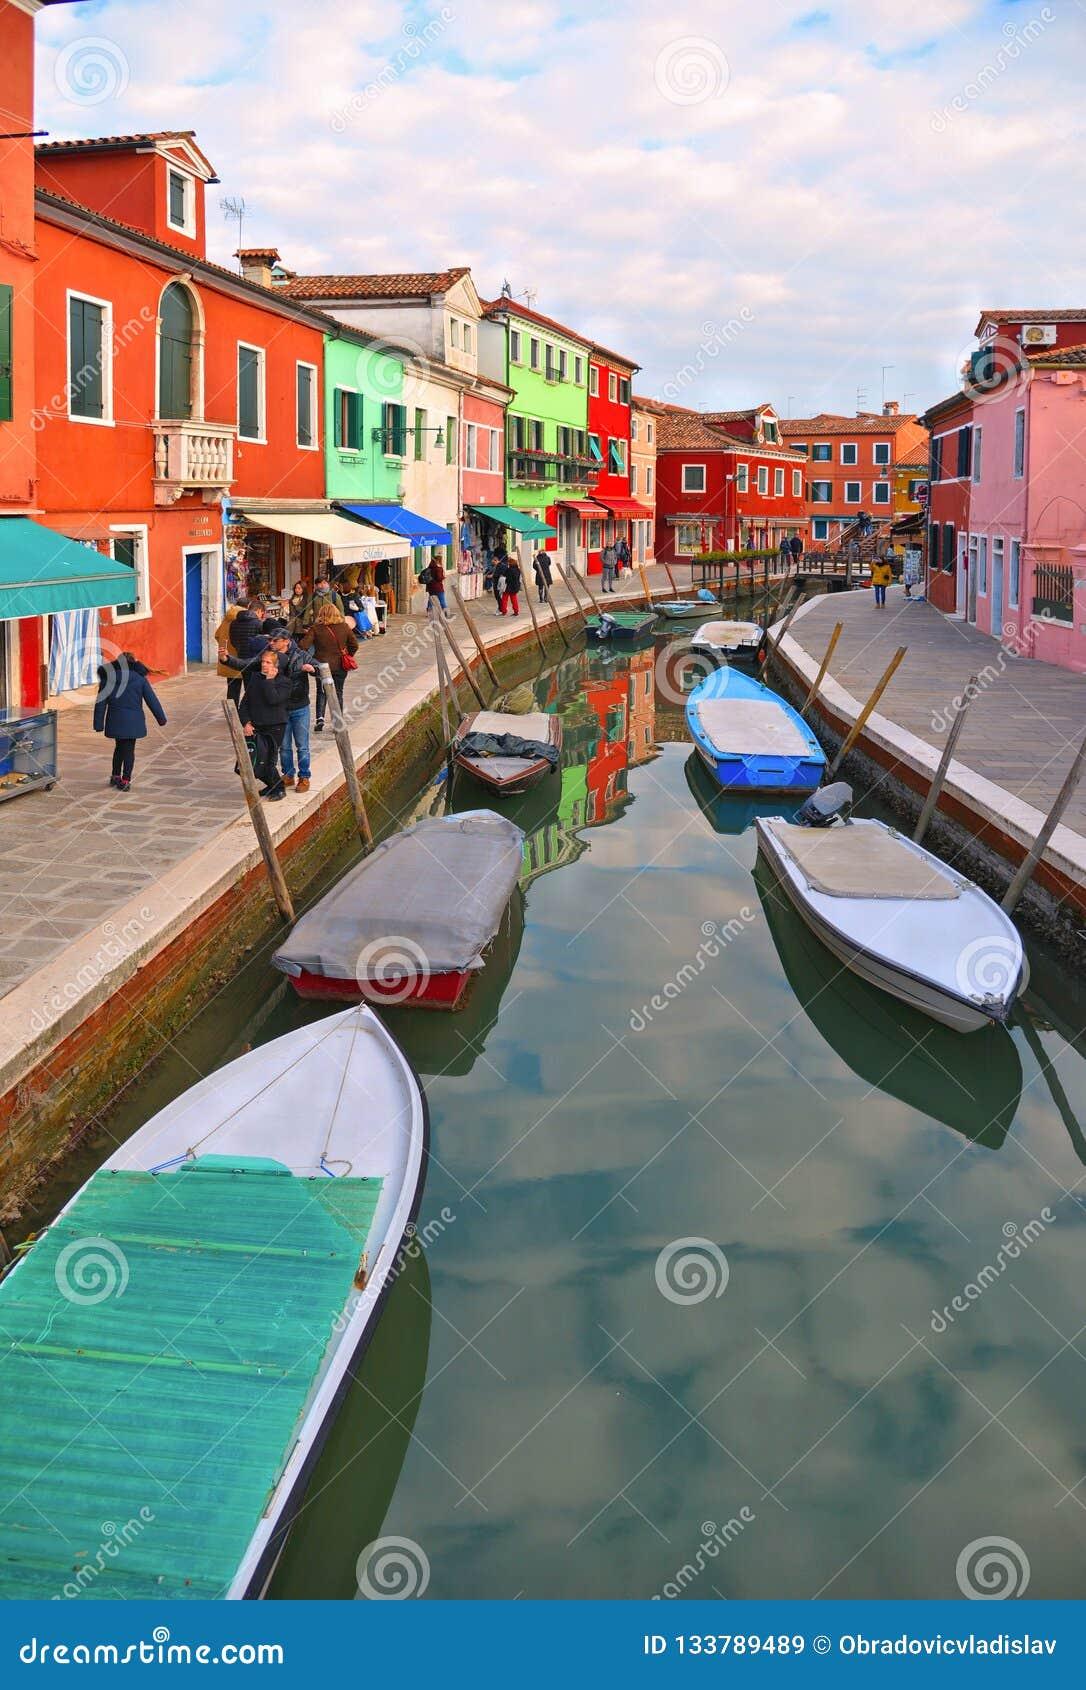 Burano wyspy malownicza ulica z małymi barwionymi domami w rzędzie, wodny kanał z fishermans łodziami, chmurny niebieskie niebo